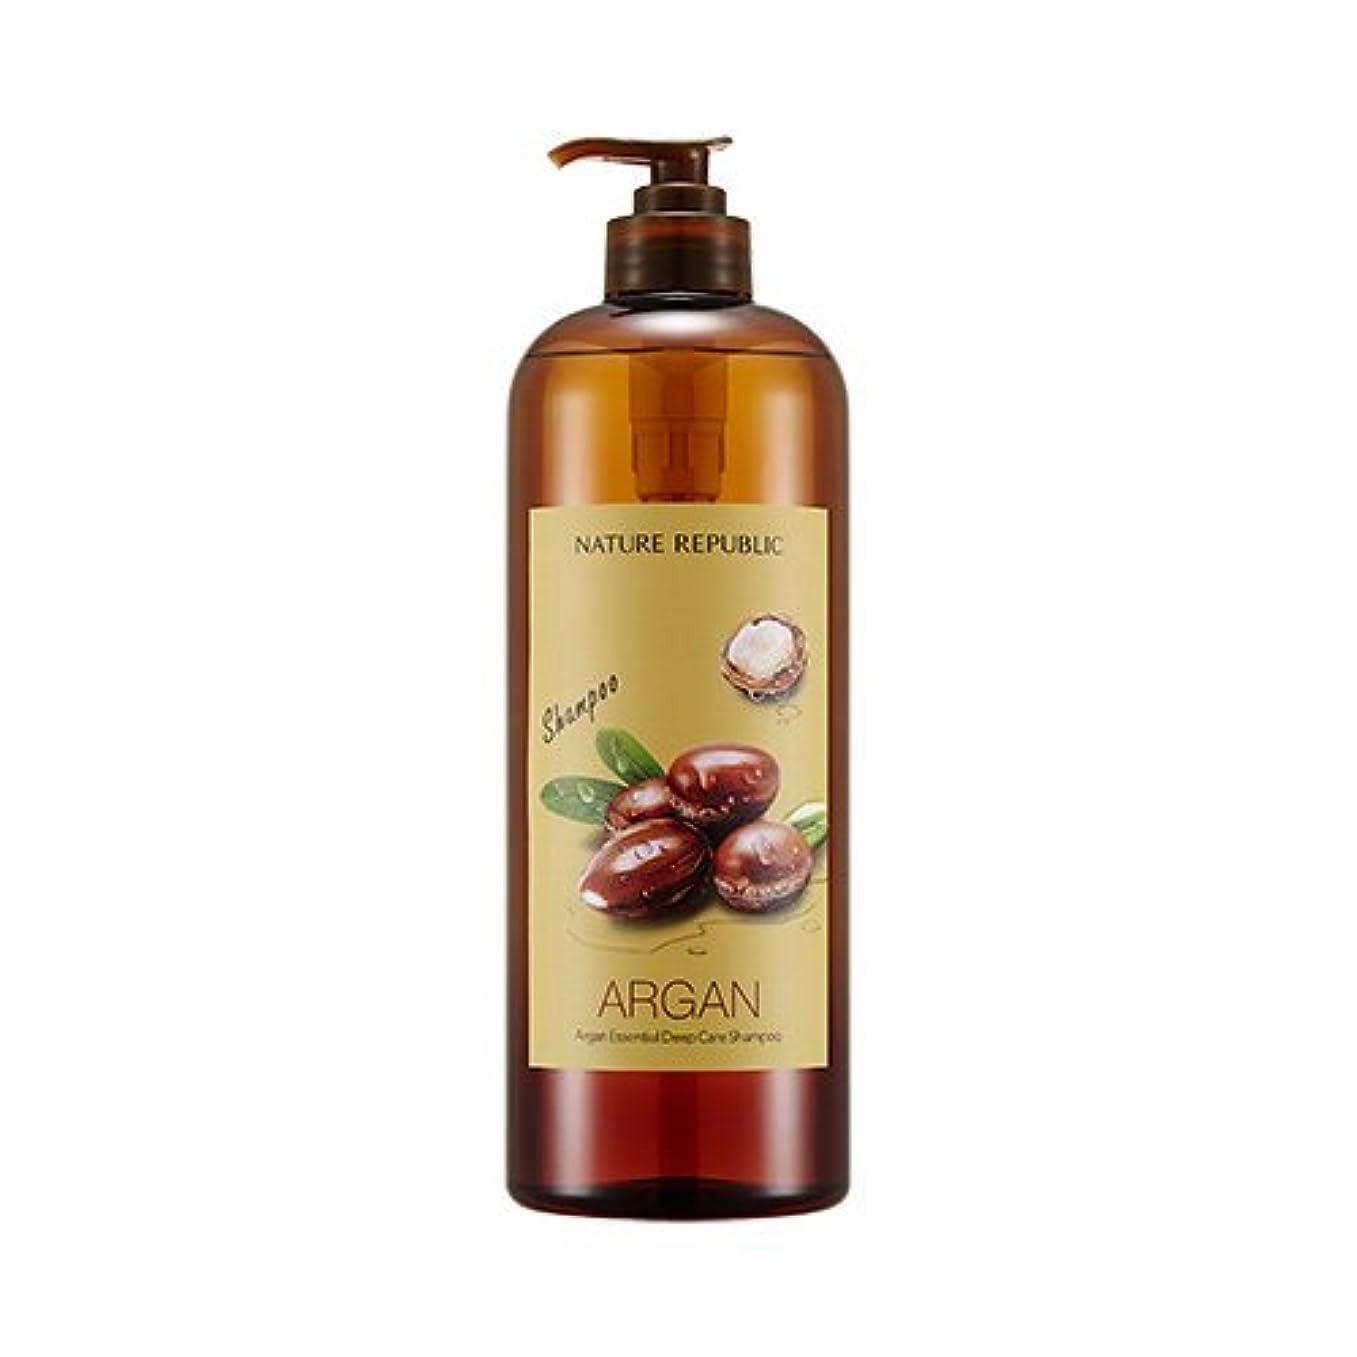 恐怖オリエンタル流行しているNATURE REPUBLIC Argan Essential Deep Care Shampoo 1000? ネイチャーリパブリック アルガンエッセンシャルディープケアシャンプー(大容量) [並行輸入品]